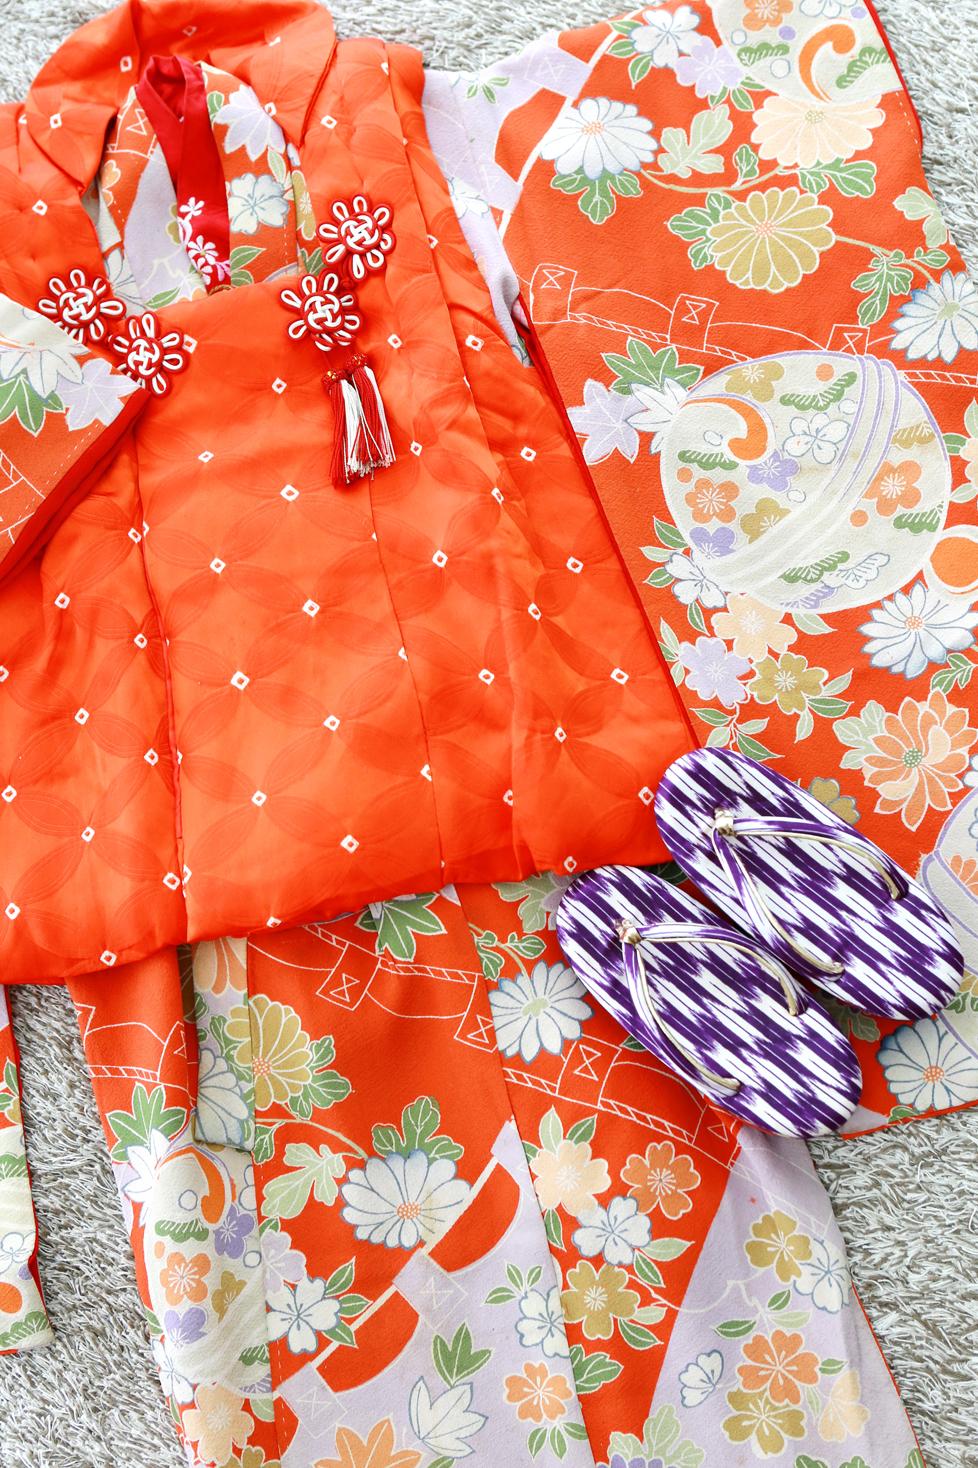 朱色と若草色のアンティーク着物に、絞りが可愛い被布のセットです。